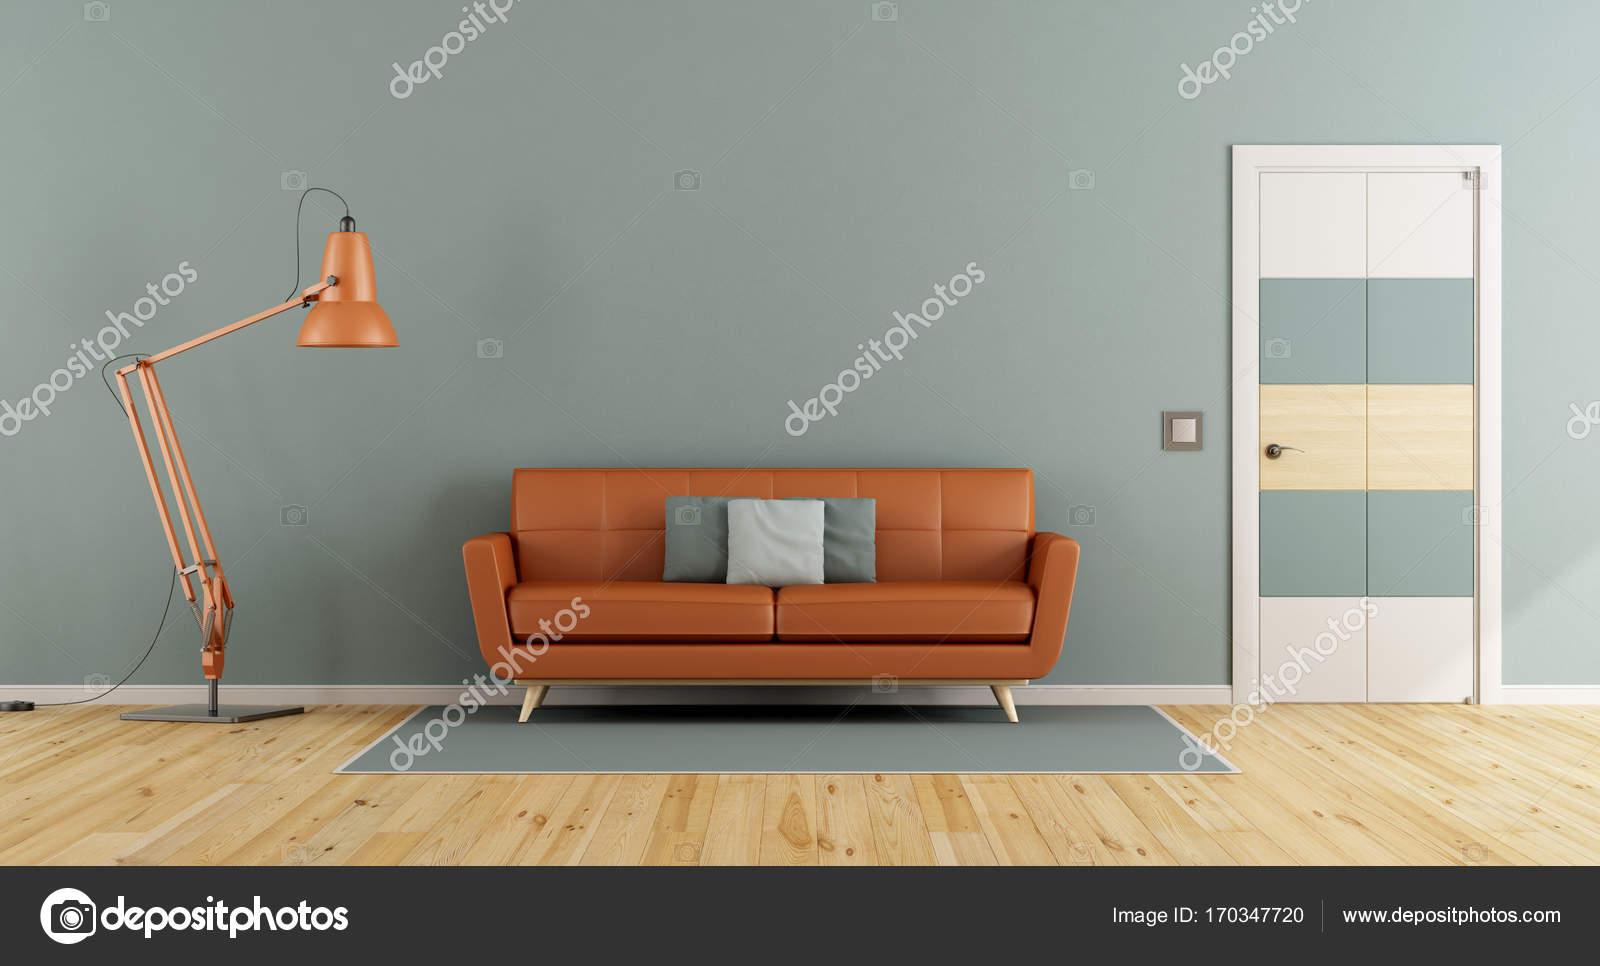 Blauen Wohnzimmer mit orange sofa — Stockfoto © archideaphoto #170347720